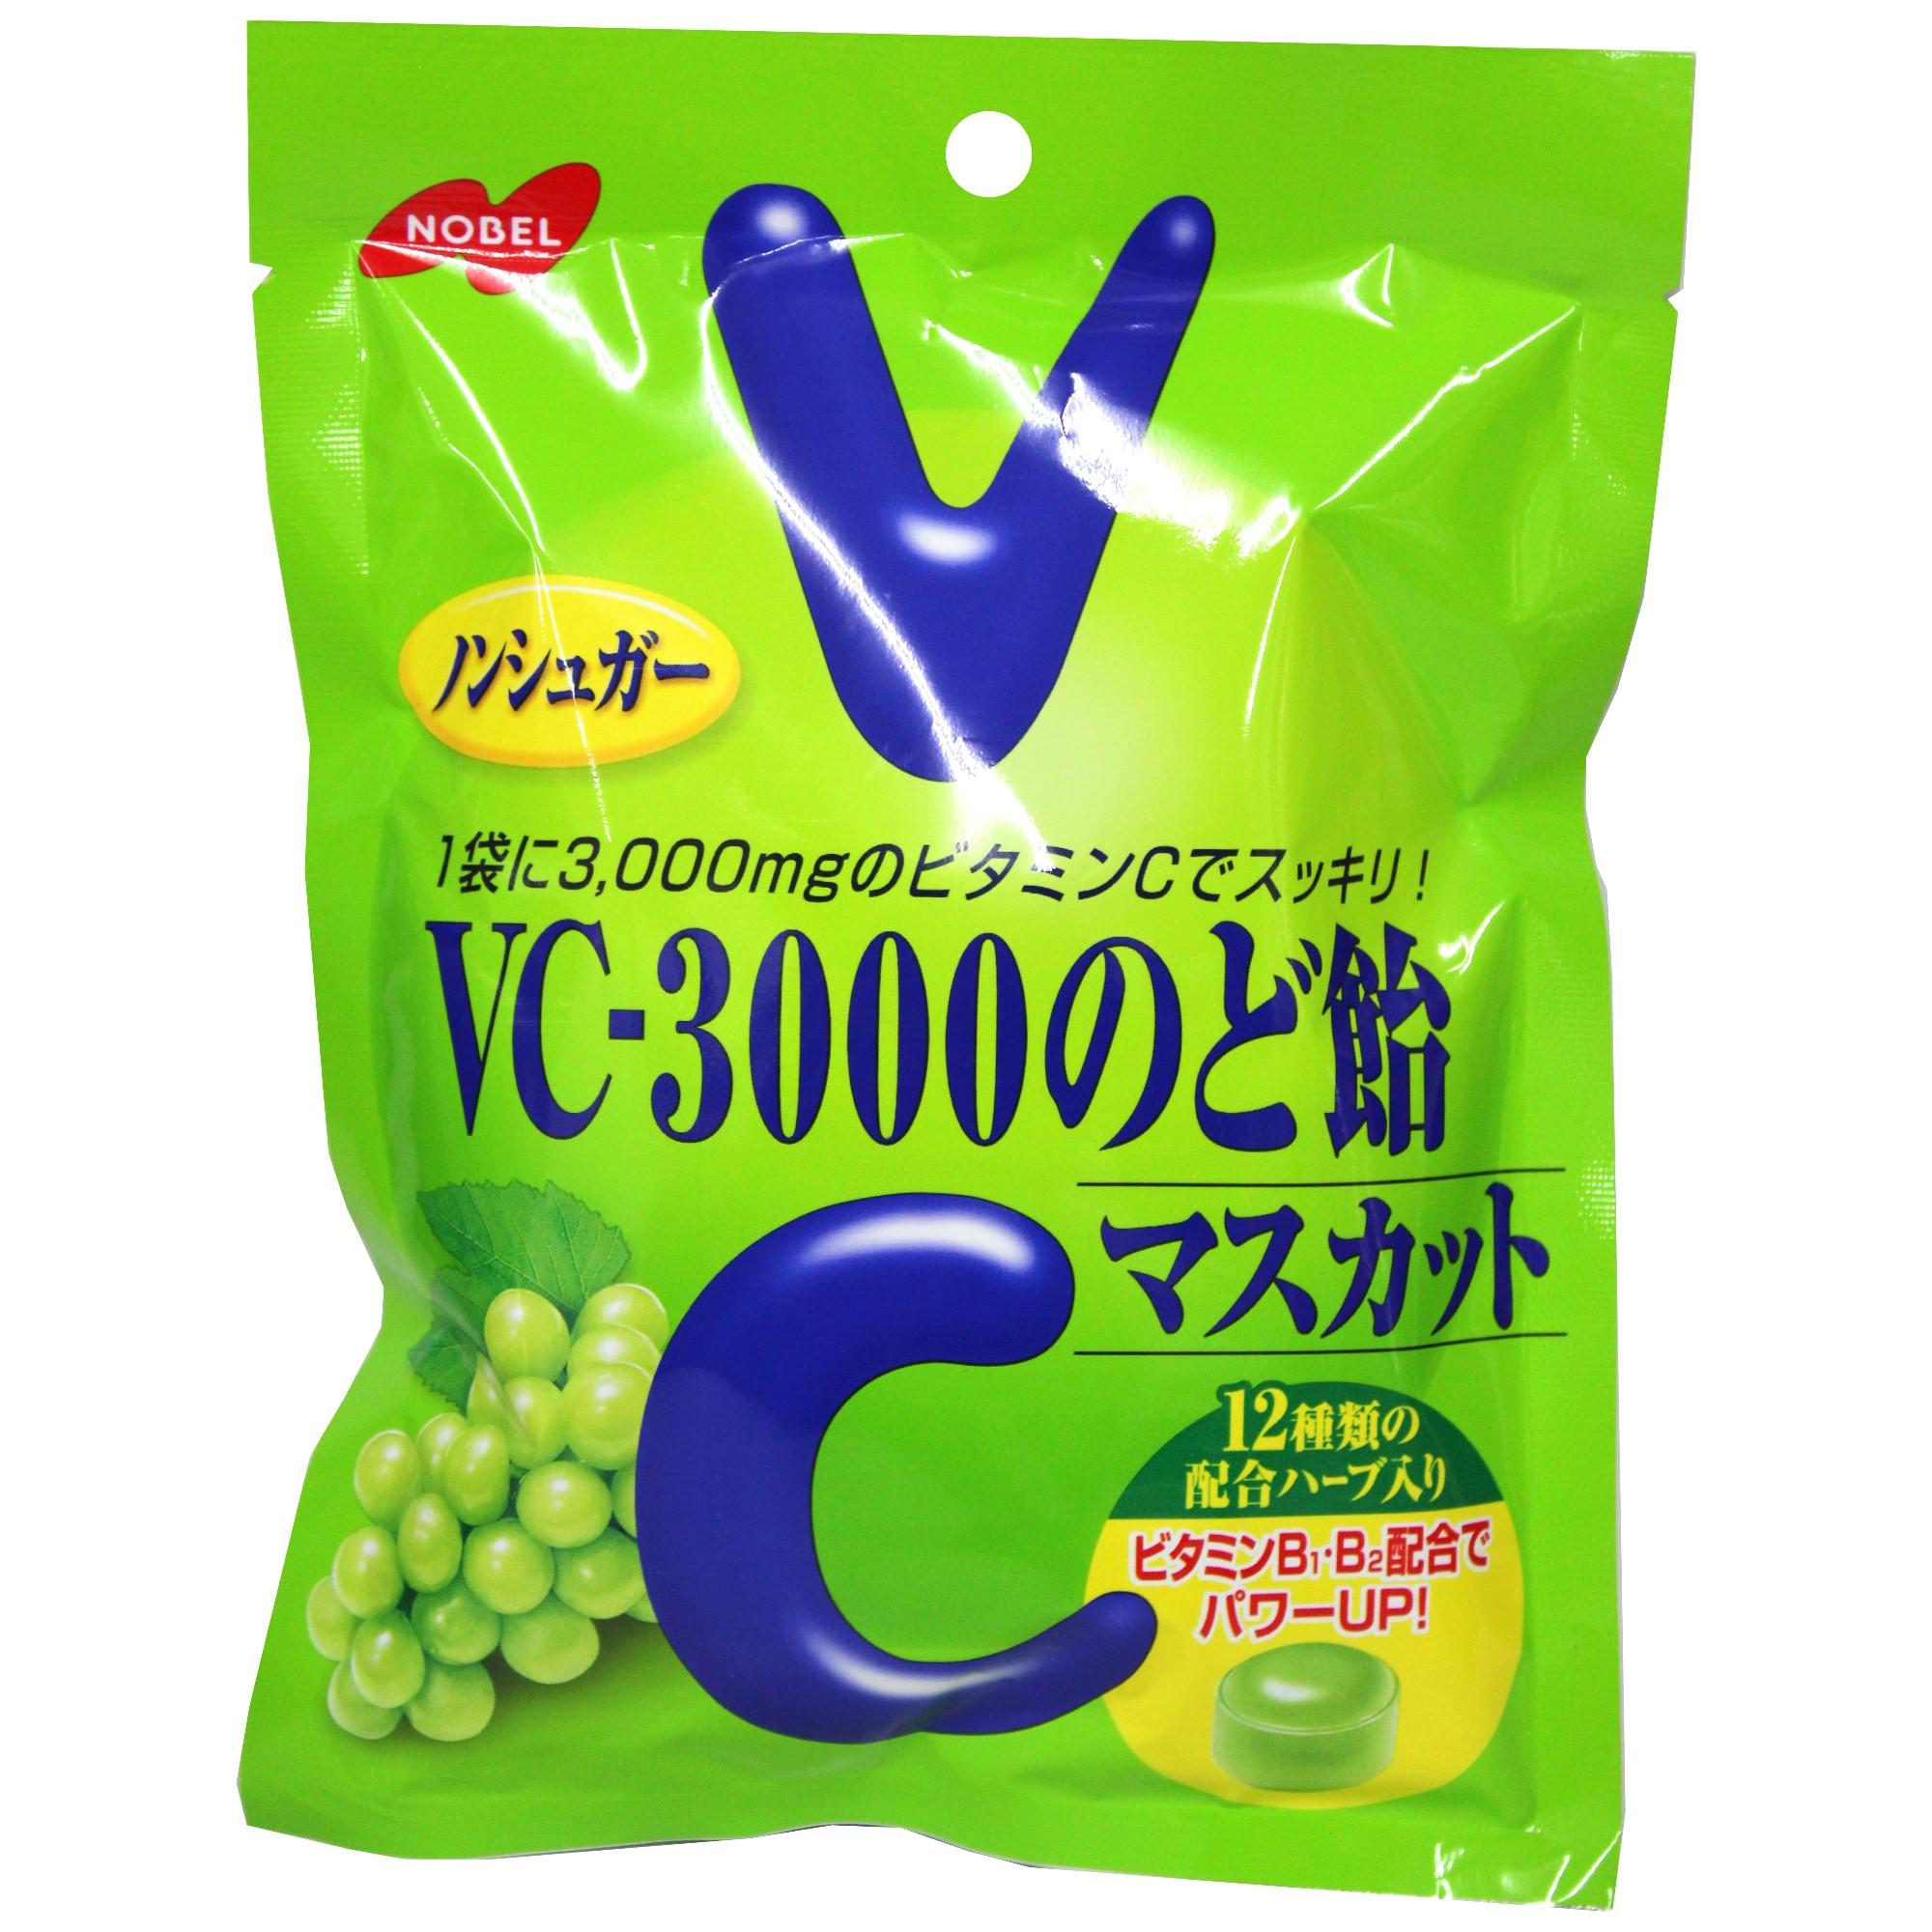 NOBEL 諾貝爾 V-3000 檸檬喉糖 90g